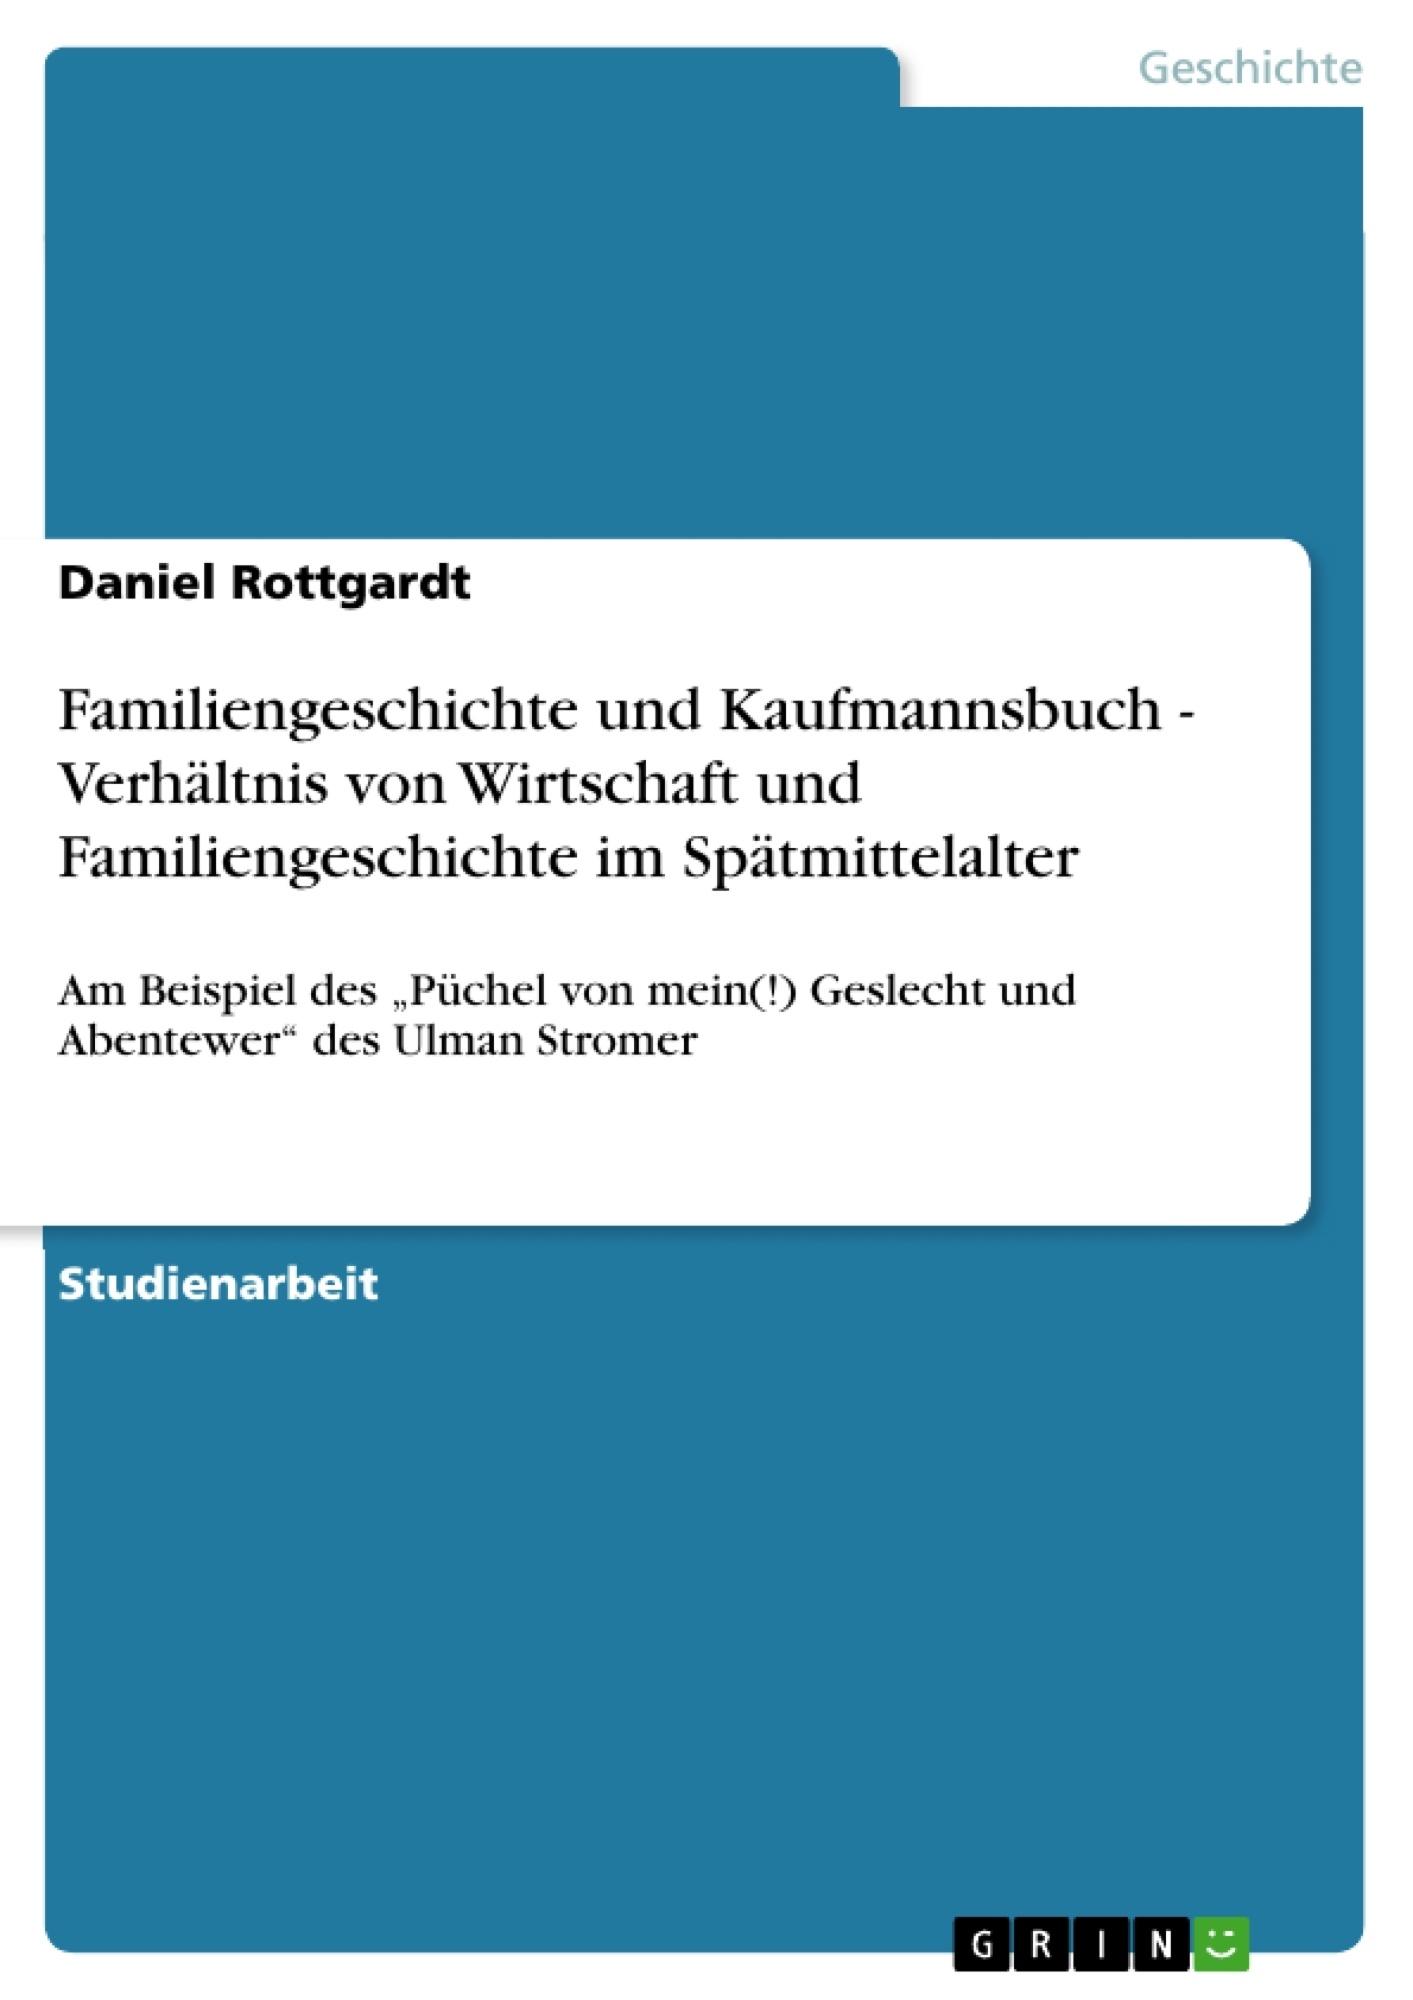 Titel: Familiengeschichte und Kaufmannsbuch - Verhältnis von Wirtschaft und Familiengeschichte im Spätmittelalter